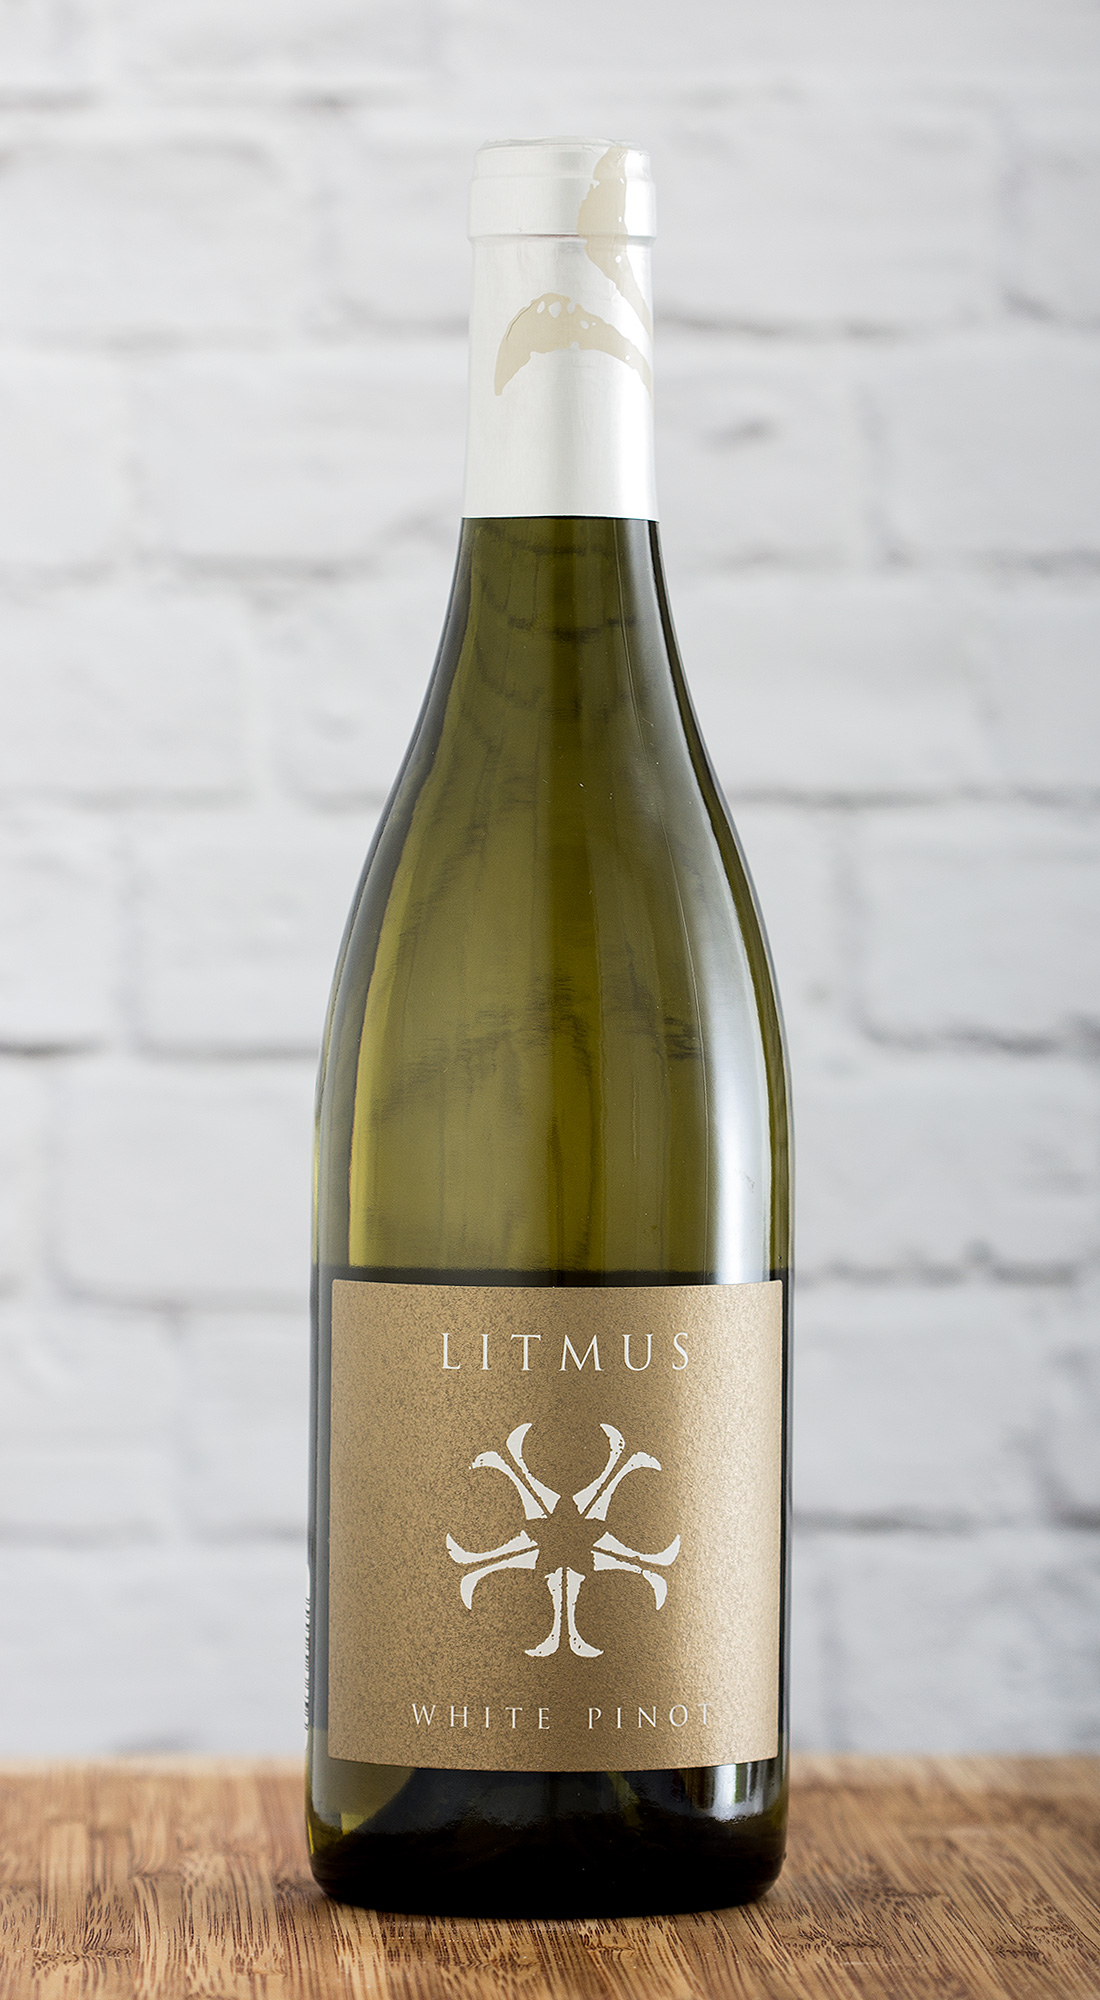 Litmus White Pinot 2011